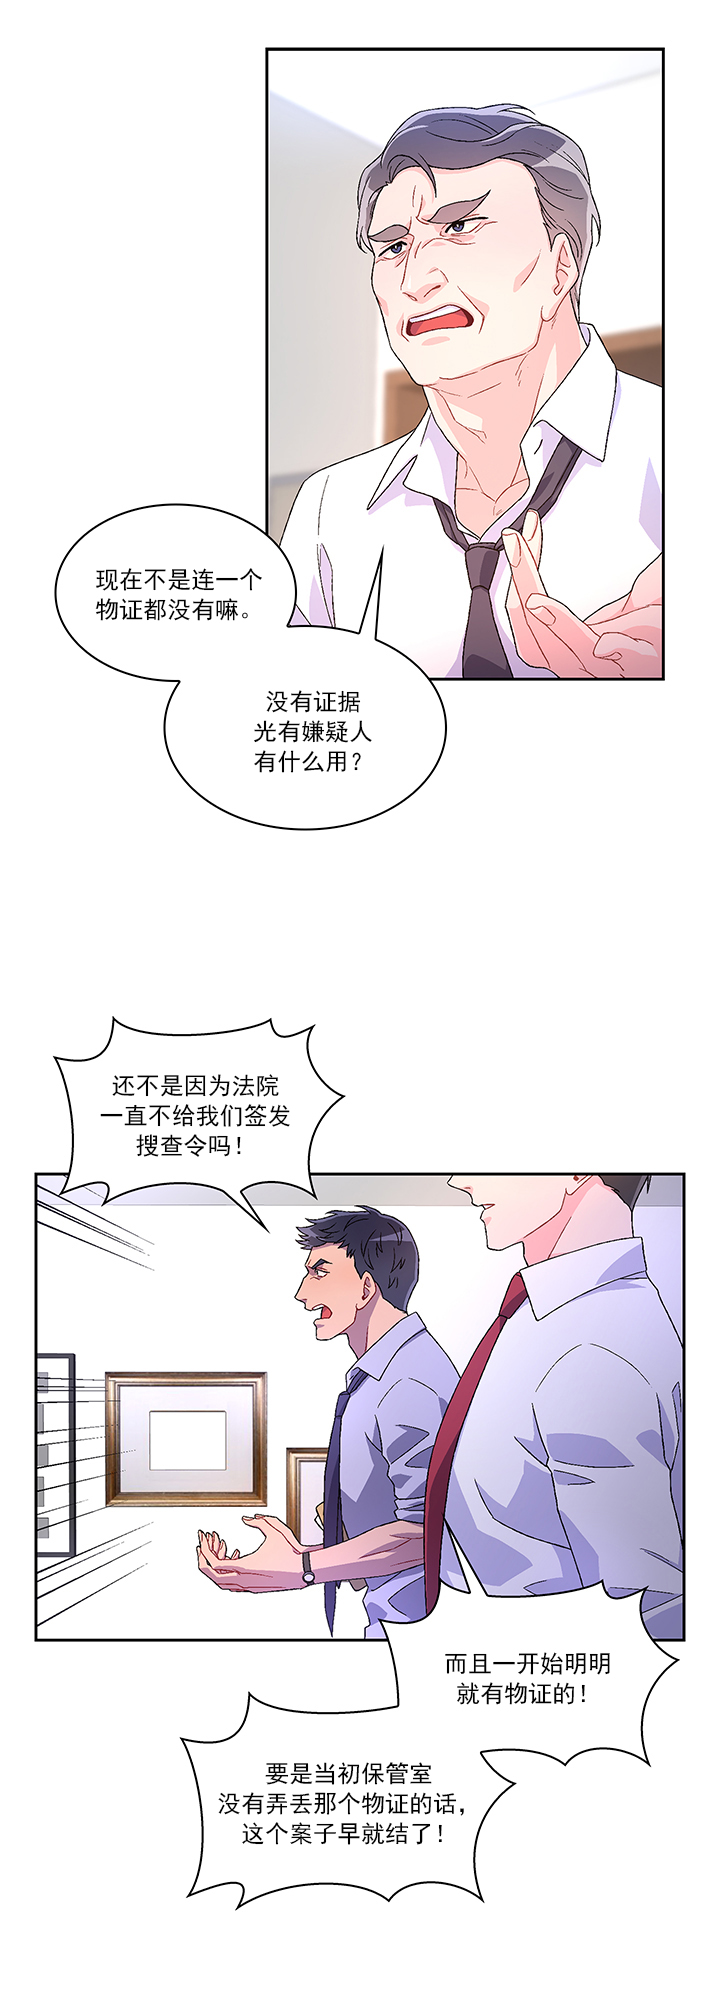 韩漫 | 《亚瑟》美人攻x刑警受  第3张